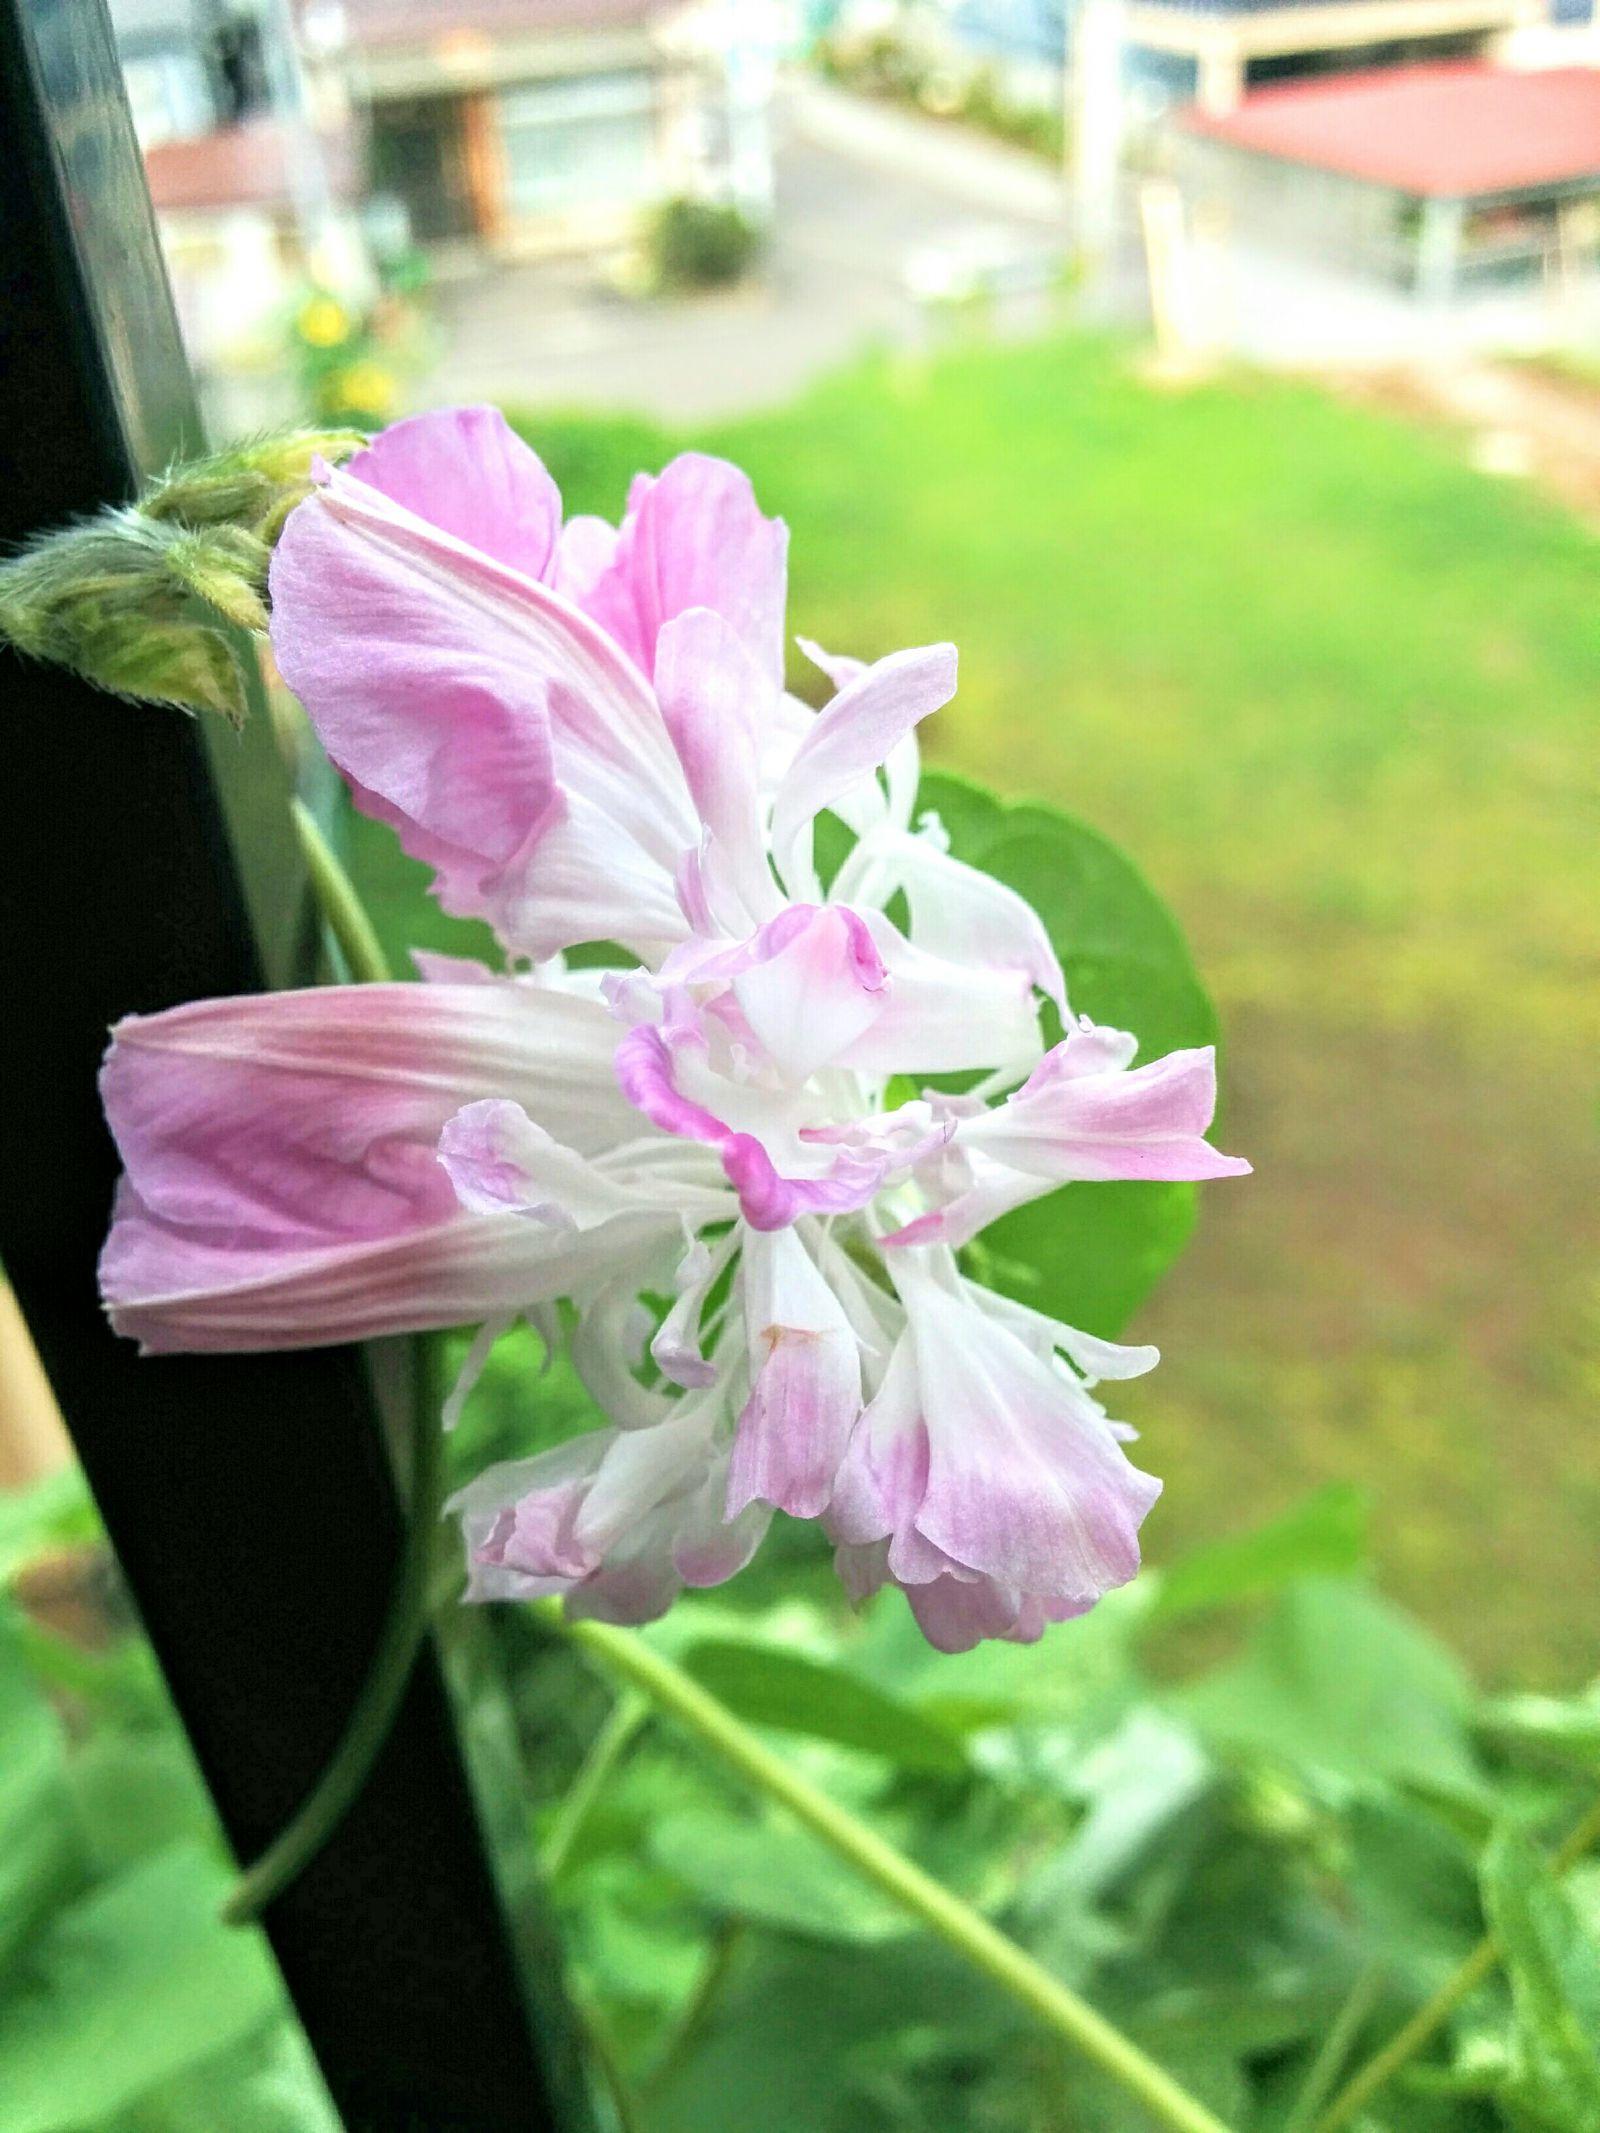 【小樽市】自宅珍しい八重咲き朝顔開花しました。